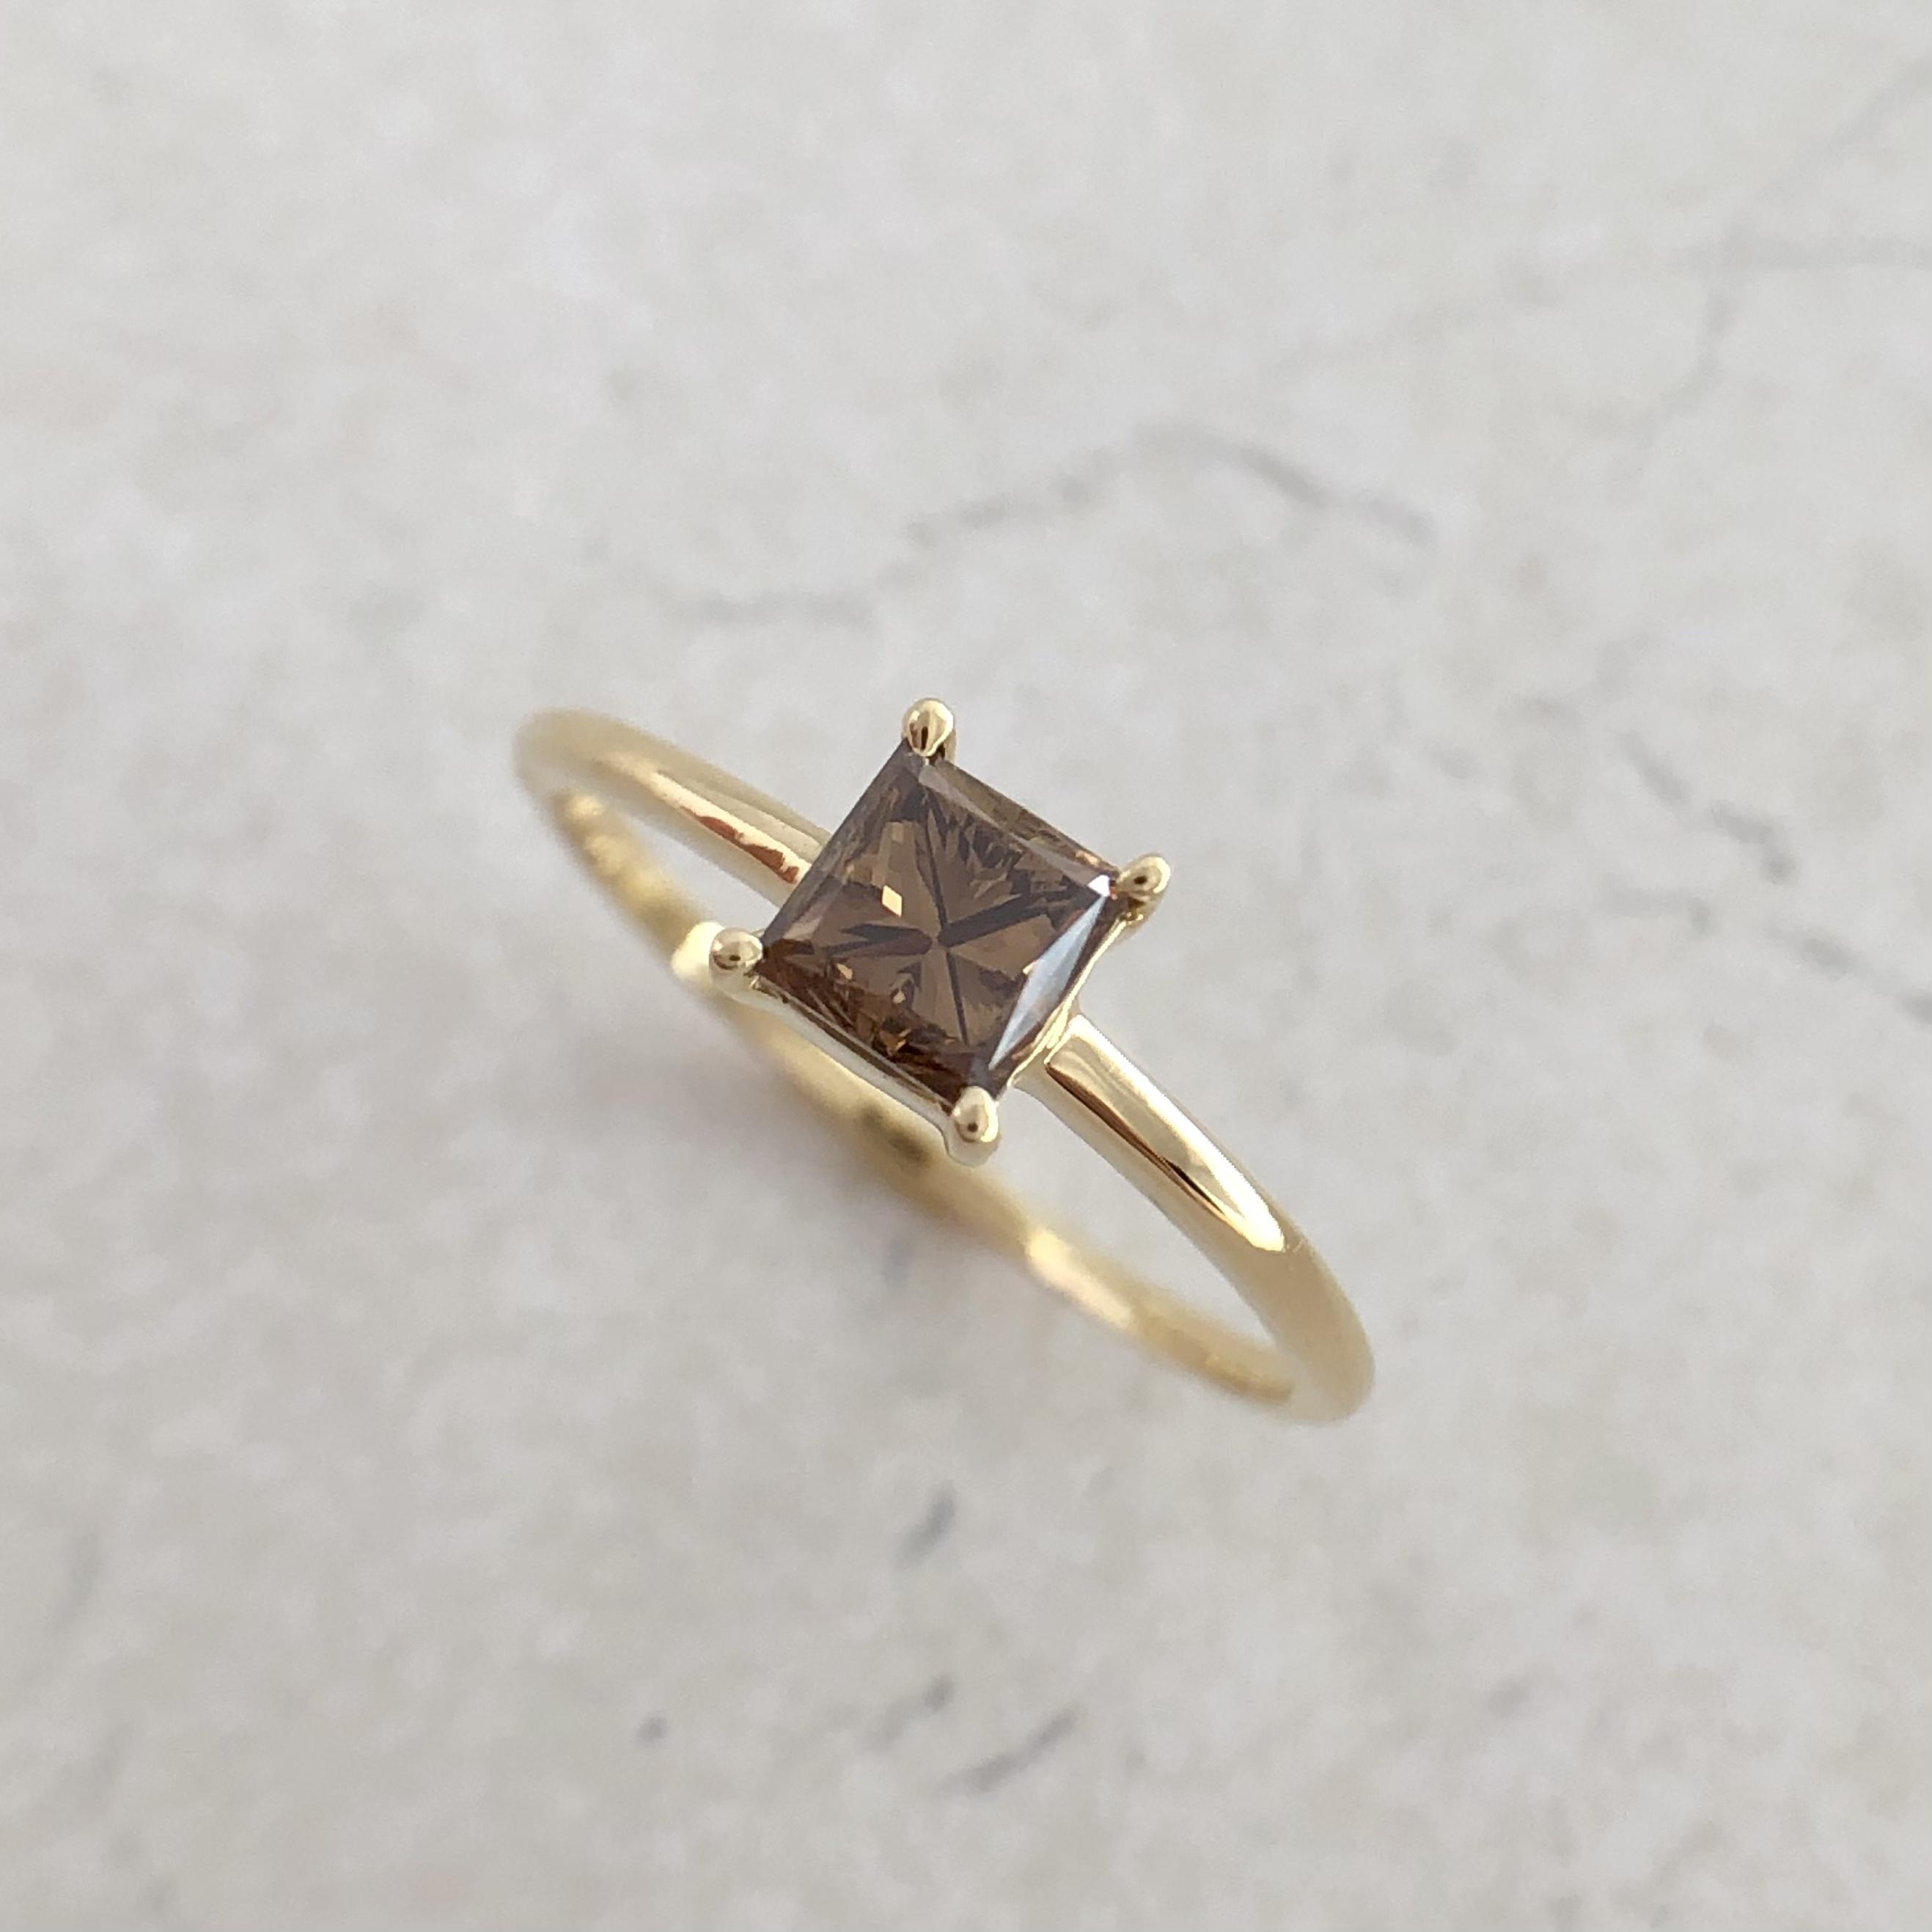 ファンシーブラウン プリンセスカット ダイヤモンド リング  0.453ct  K18イエローゴールド チェカ 鑑定書付